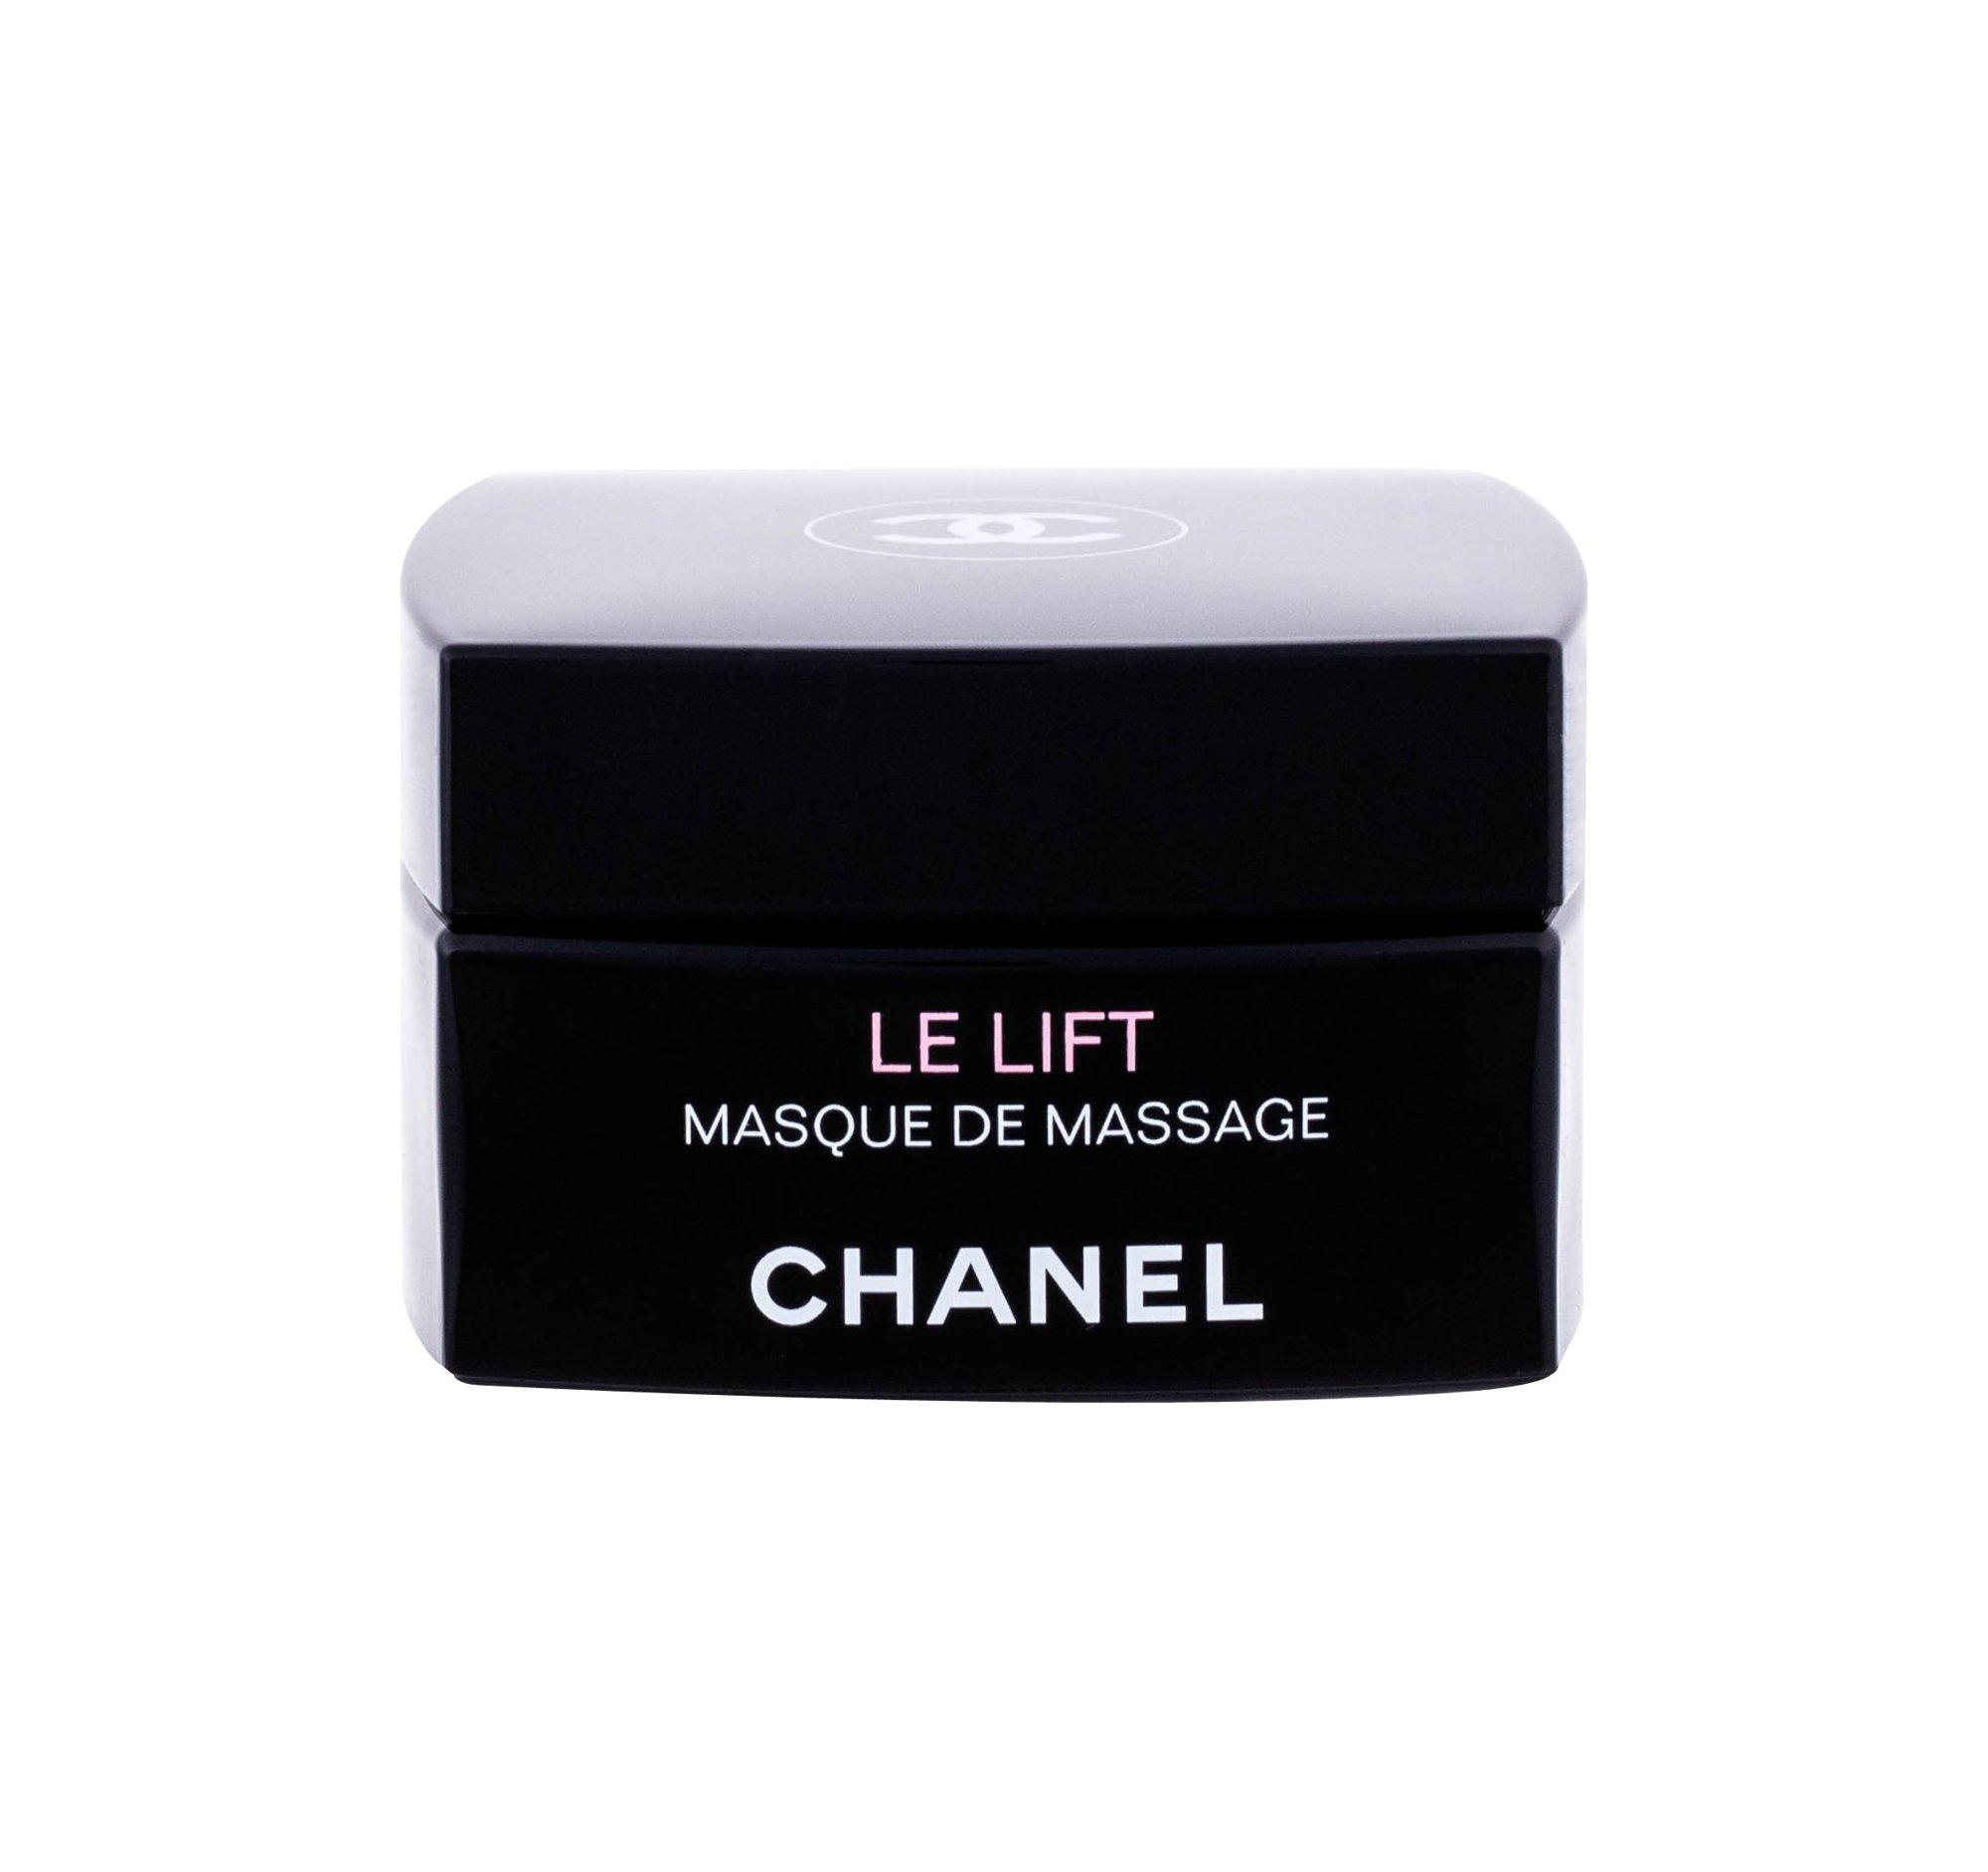 Chanel Le Lift Face Mask 50ml  Masque de Massage